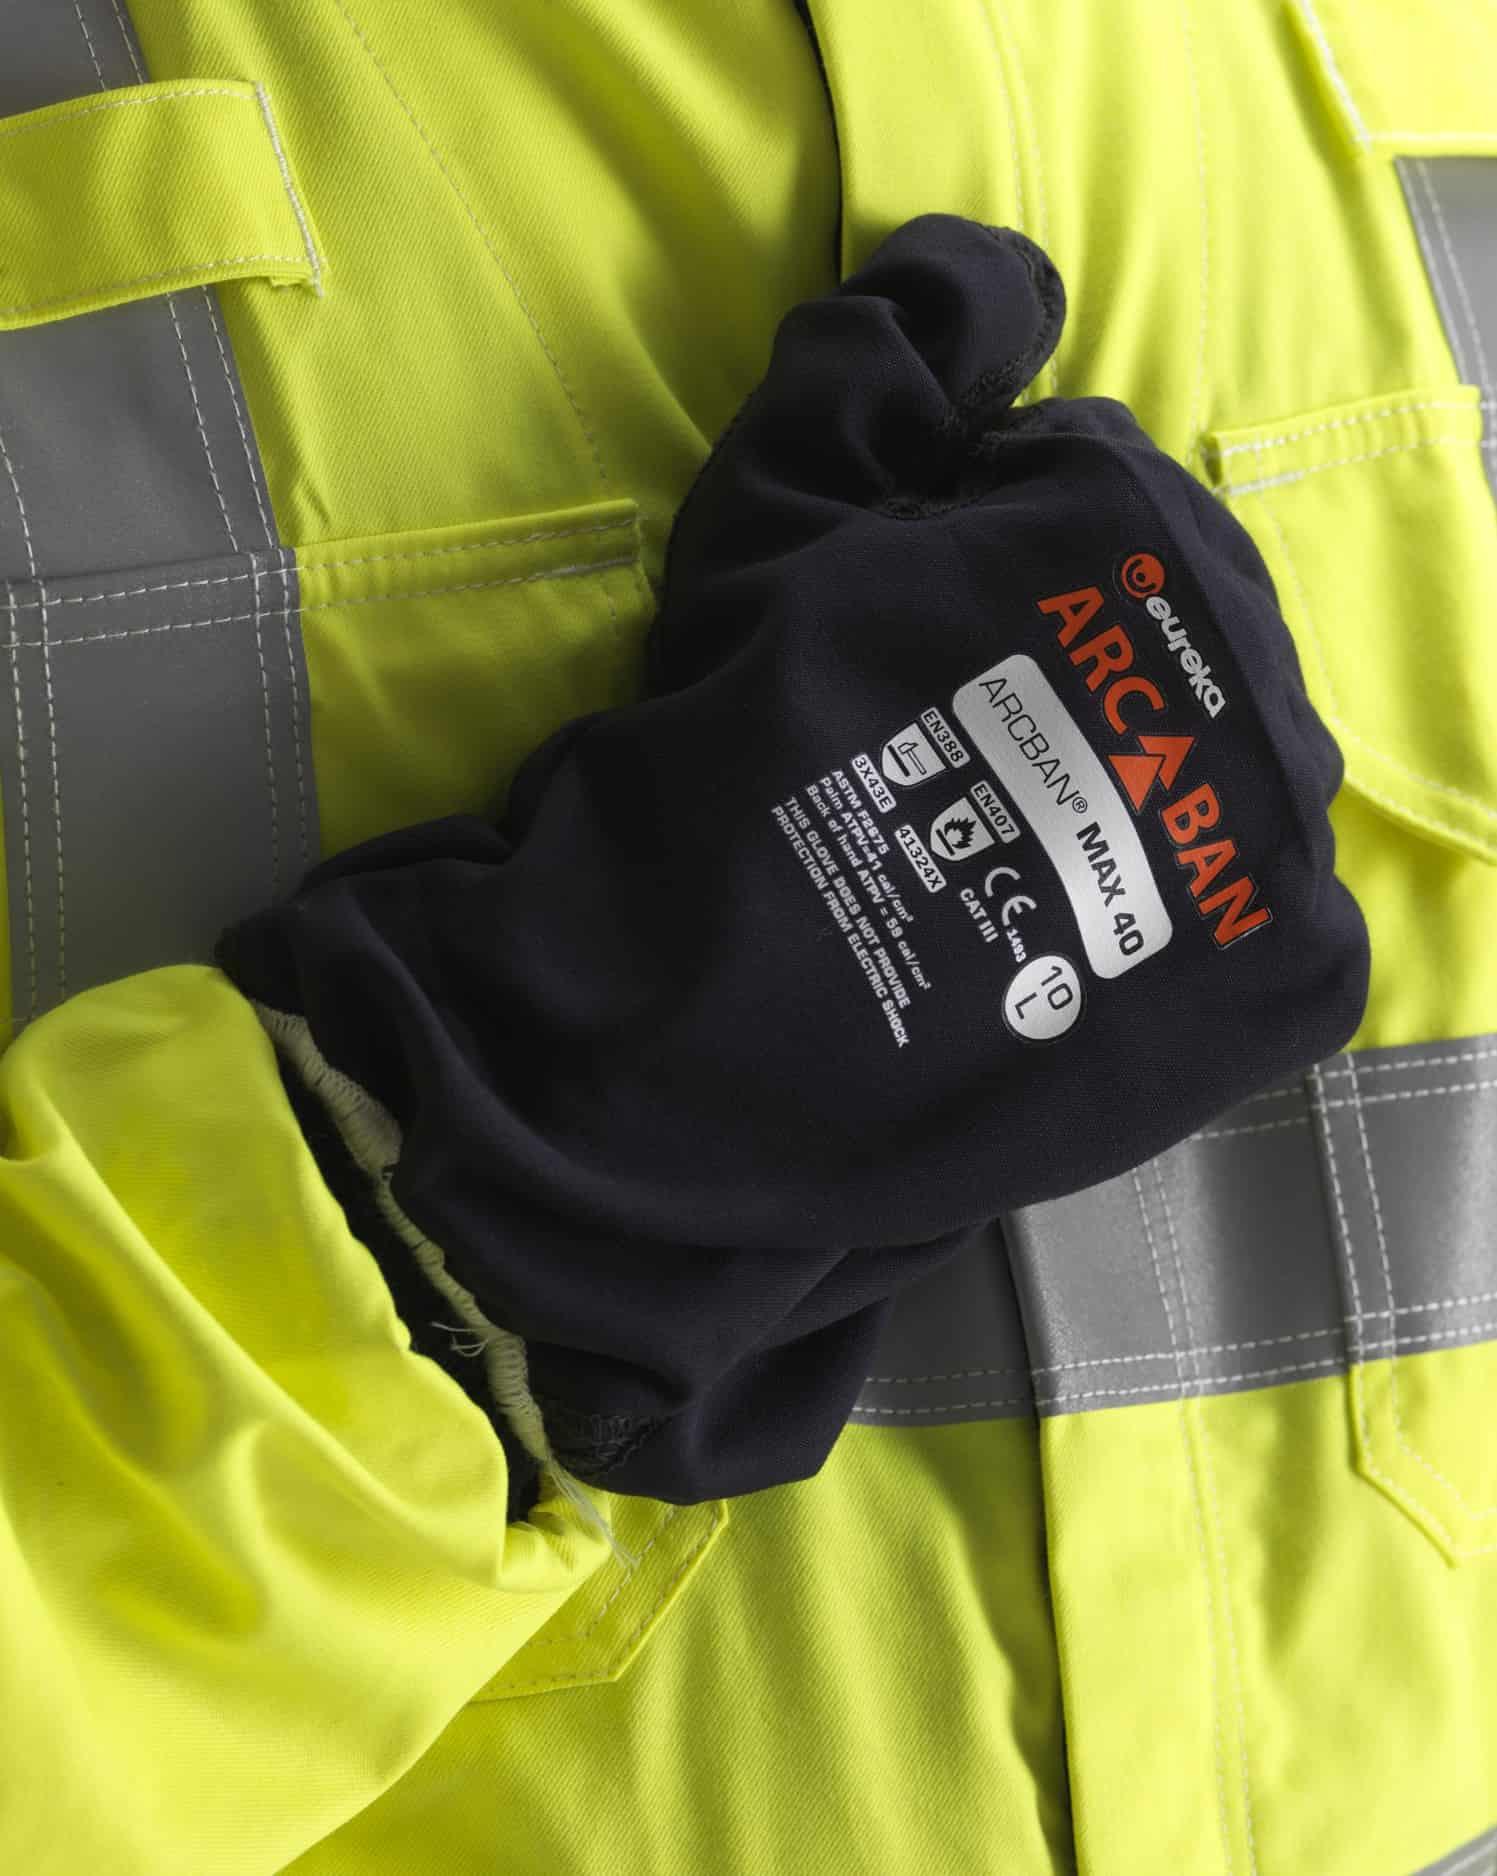 ArcBan ARC Protection Gauntlet close up